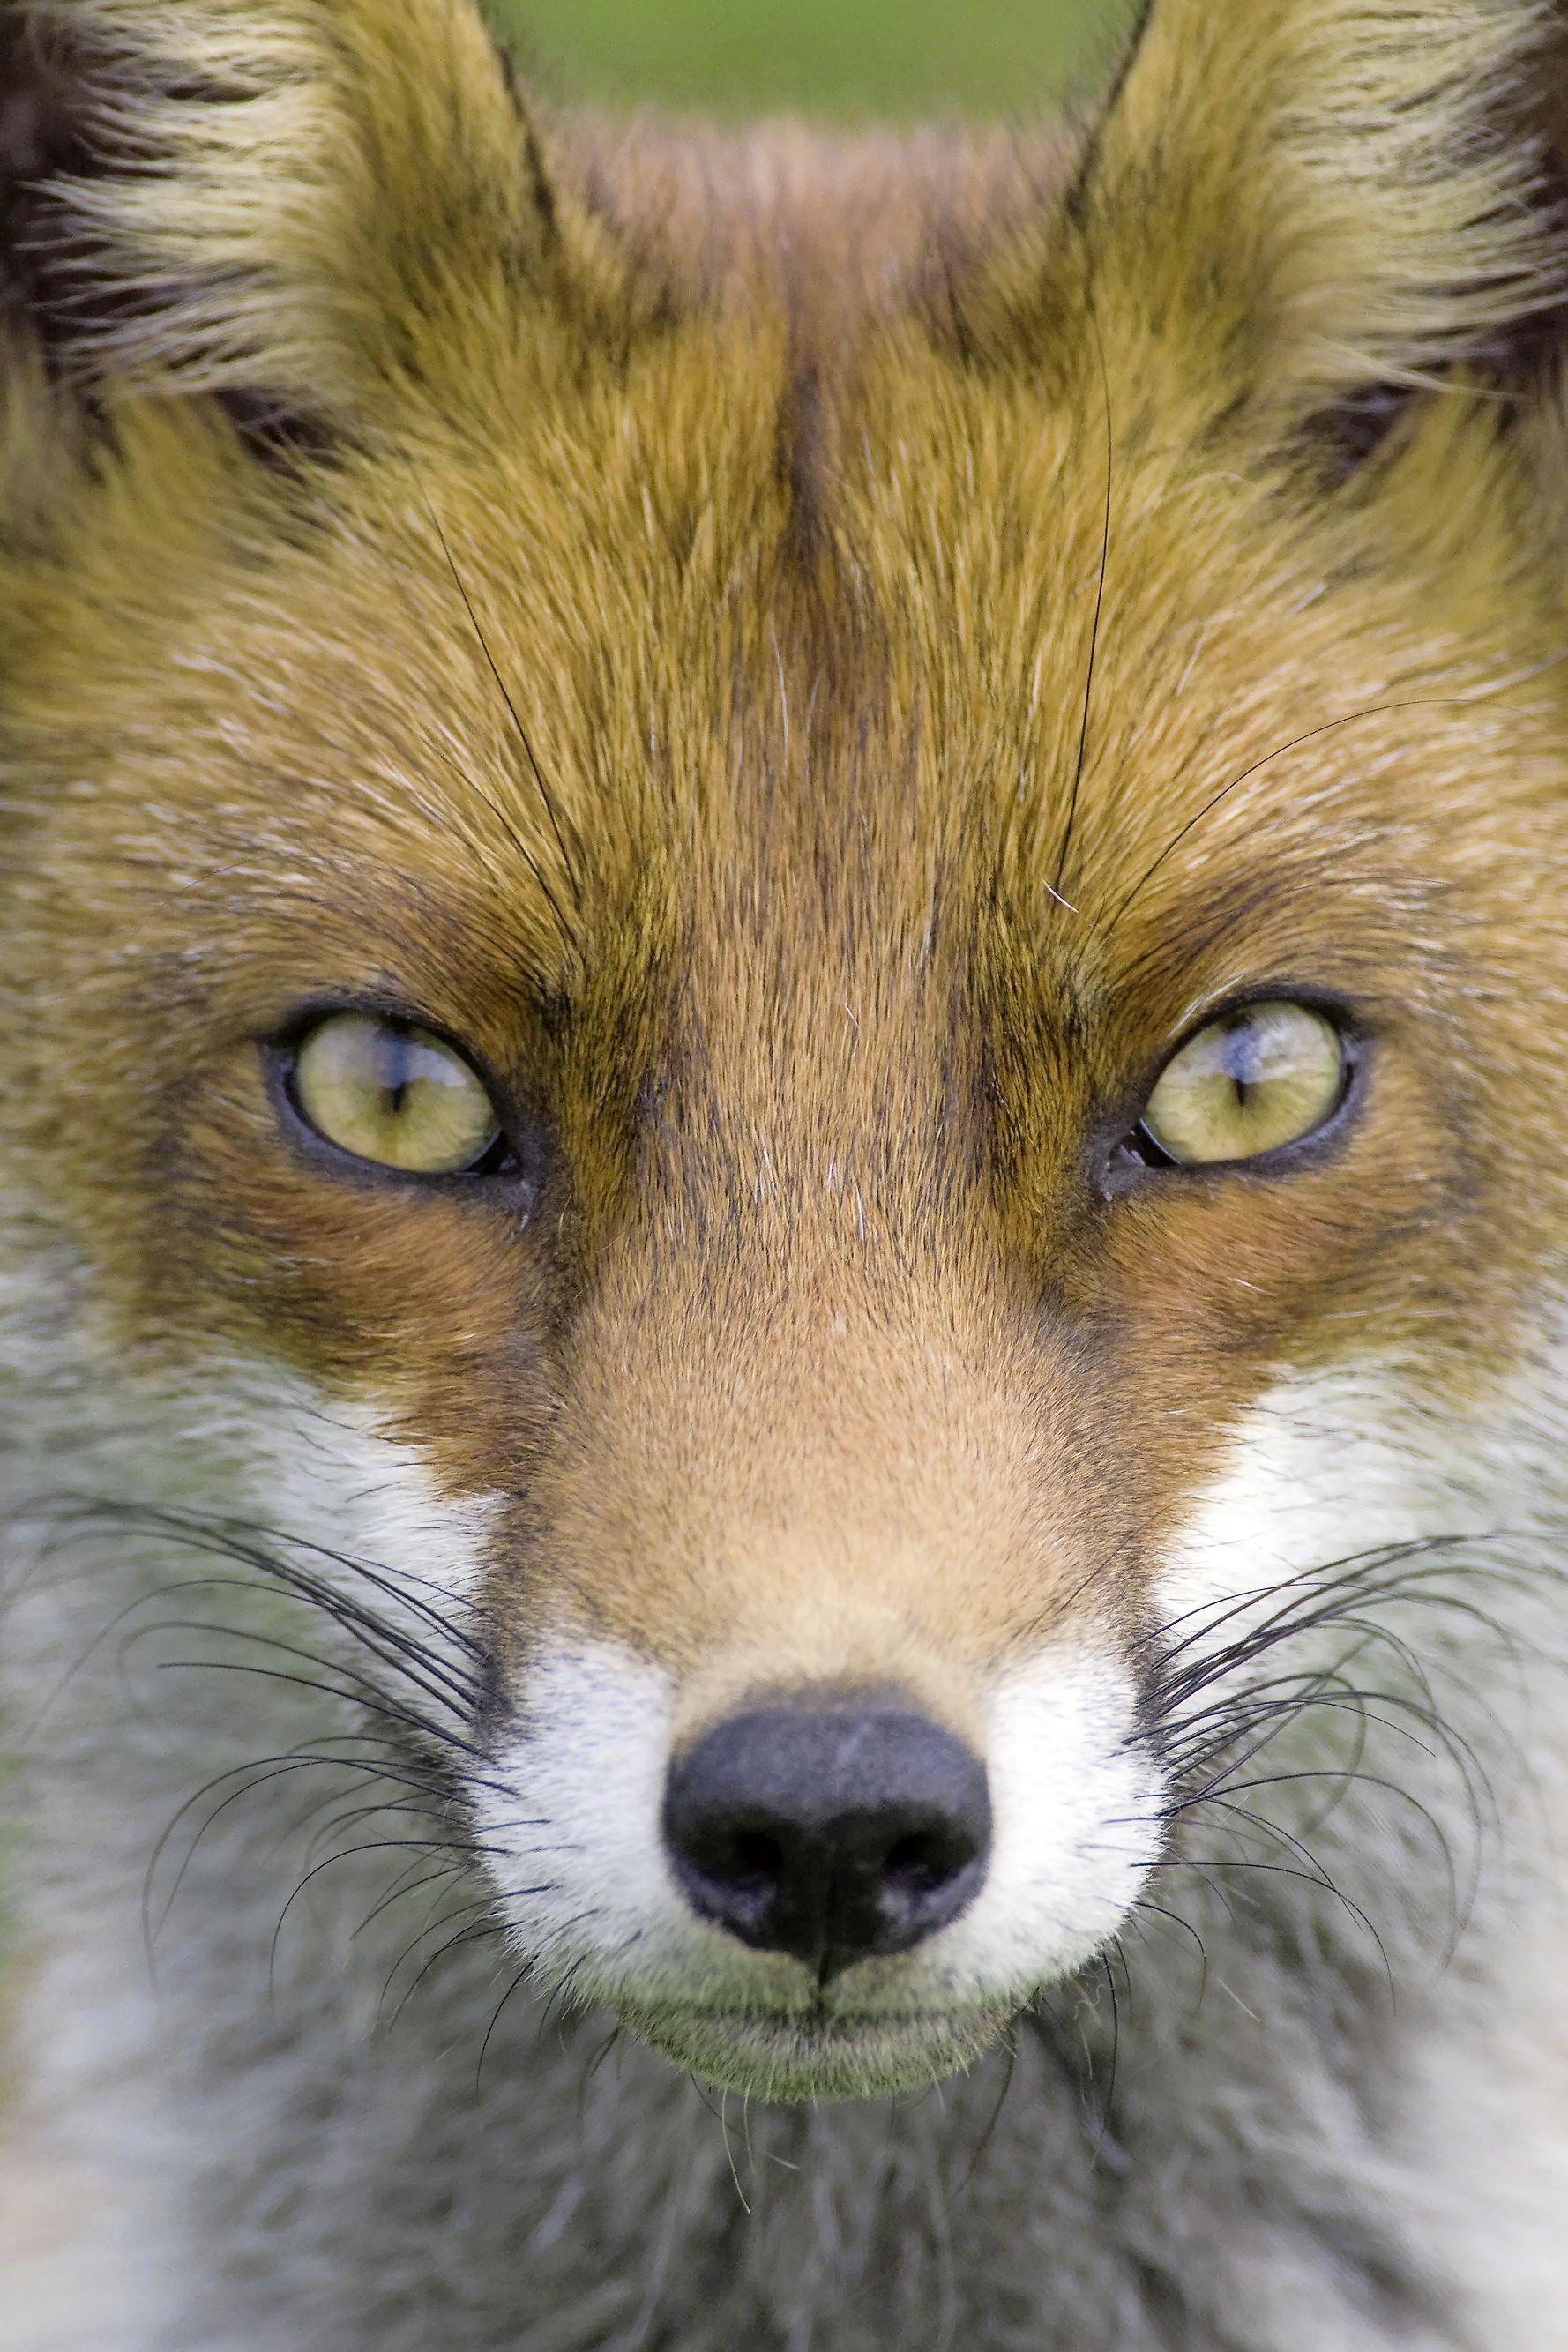 De vos krijgt telkens maar de schuld, maar de achteruitgang van weidevogels heeft maar één echte oorzaak: moderne landbouw | Opinie